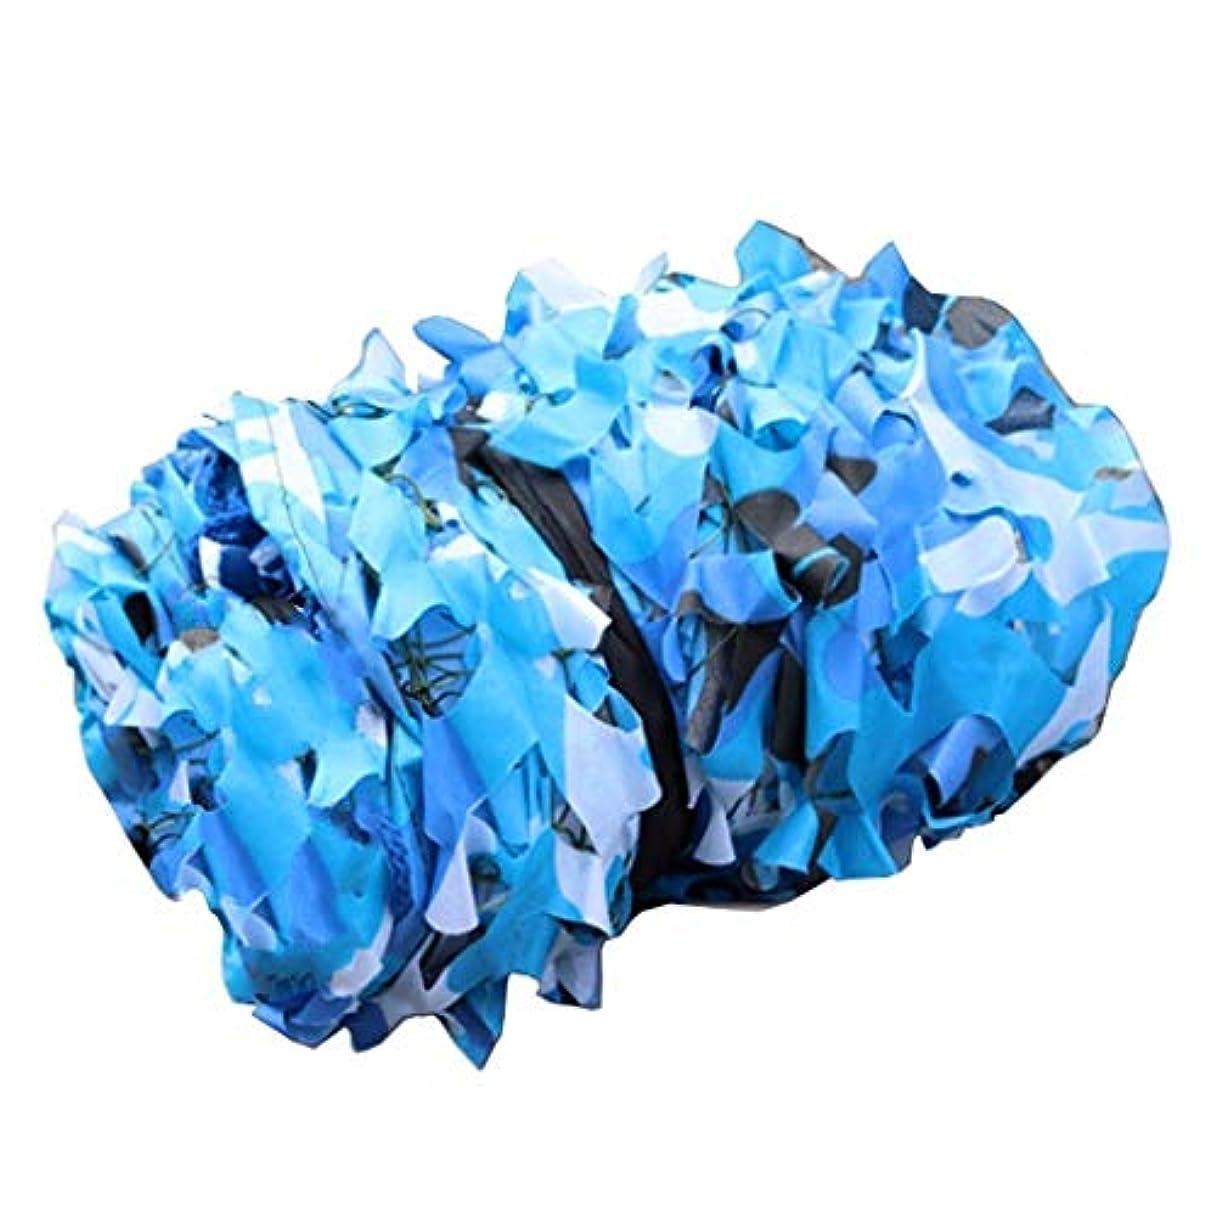 黙認する進化フライトオックスフォードクロス迷彩ネット、耐紫外線シェード、防水シート迷彩ネッティングアーミーメッシュ、日よけ飾り用ブラインド、ウッドランド、キャンプ、撮影、写真撮影、ジャングル ZHAOFENGMING (Color : Blue, Size : 6X8M)